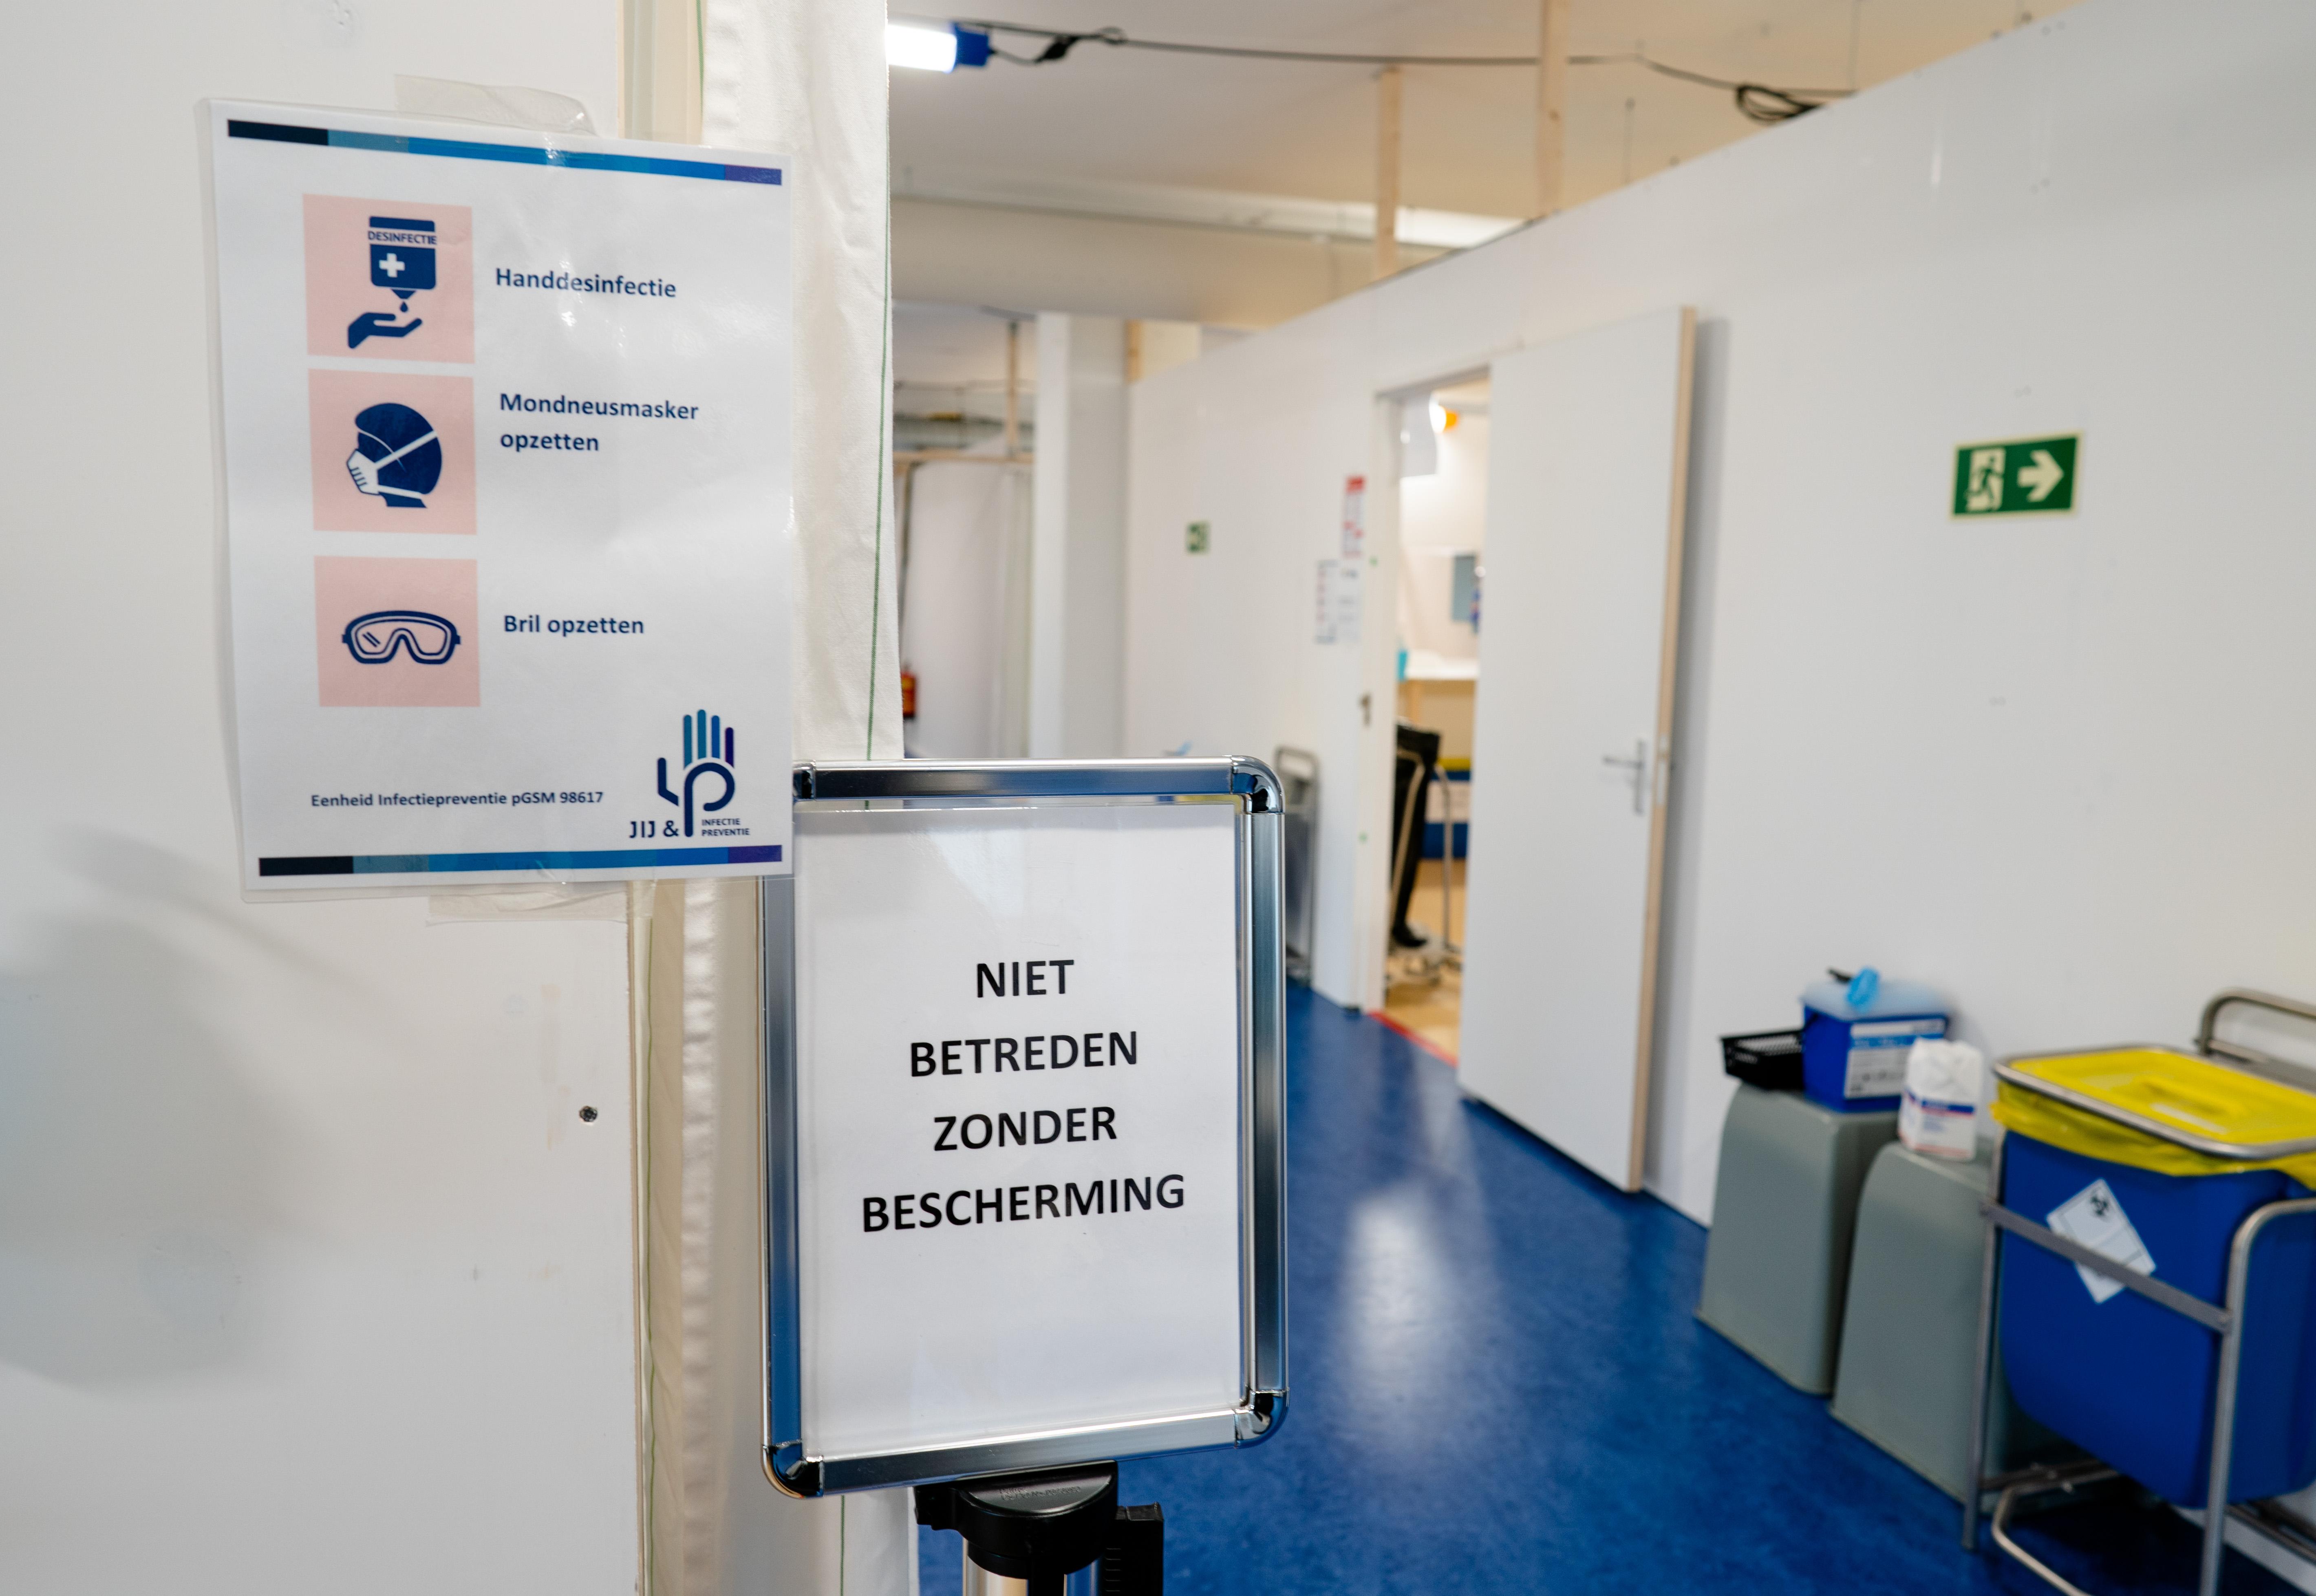 Agressie in ziekenhuizen neemt toe: 'Het gaat van dreigementen tot schoppen'